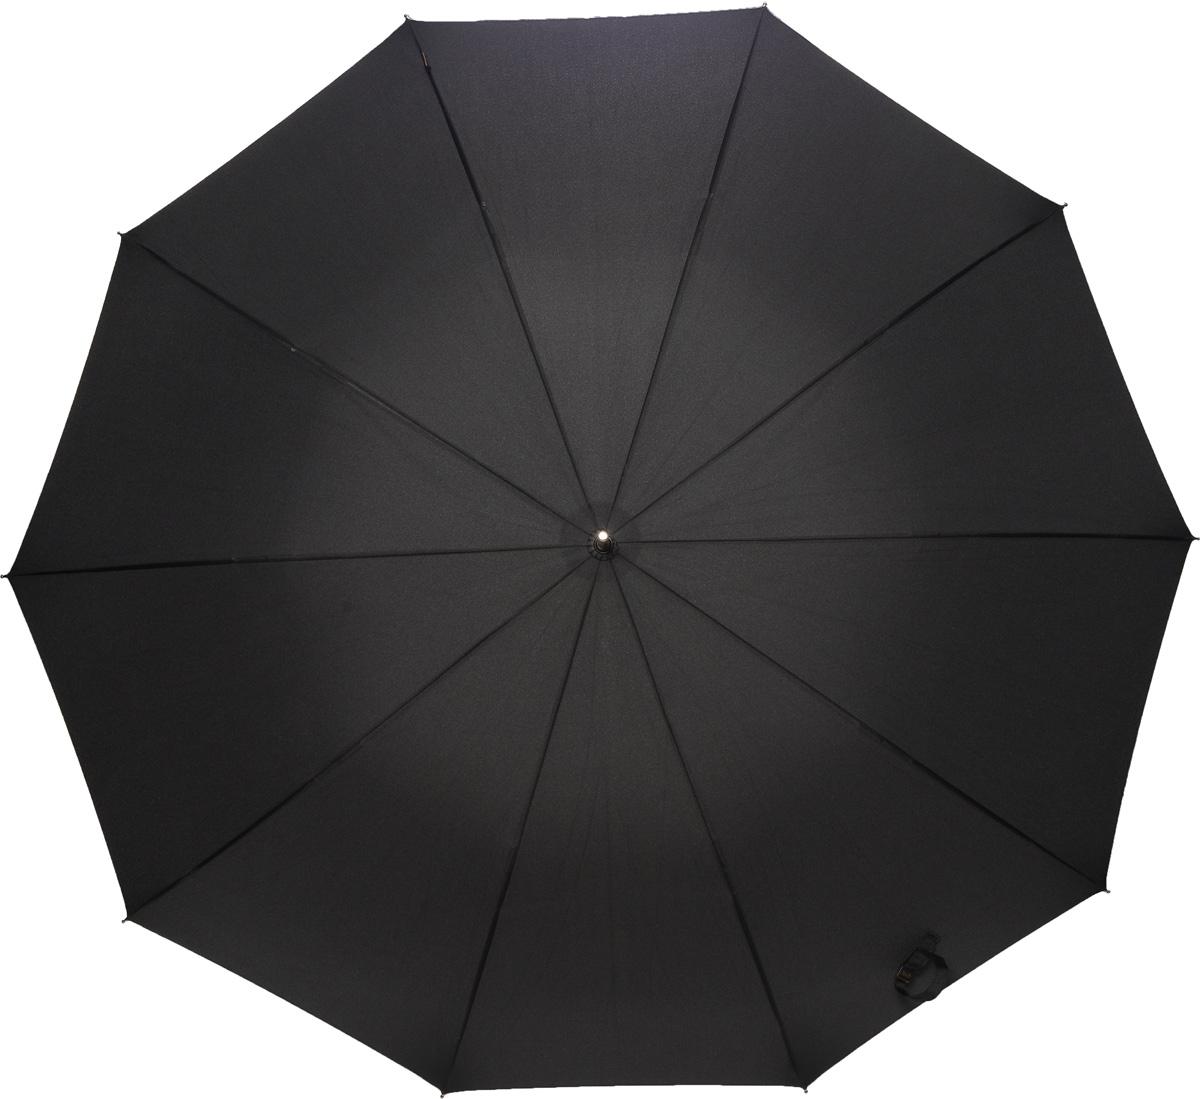 M&P 171 Зонт трость авт.муж.171Зонт испанского производителя Clima. В производстве зонтов используются современные материалы, что делает зонты легкими, но в то же время крепкими. Трость автомат, 8 спиц по 70см, полиэстер.